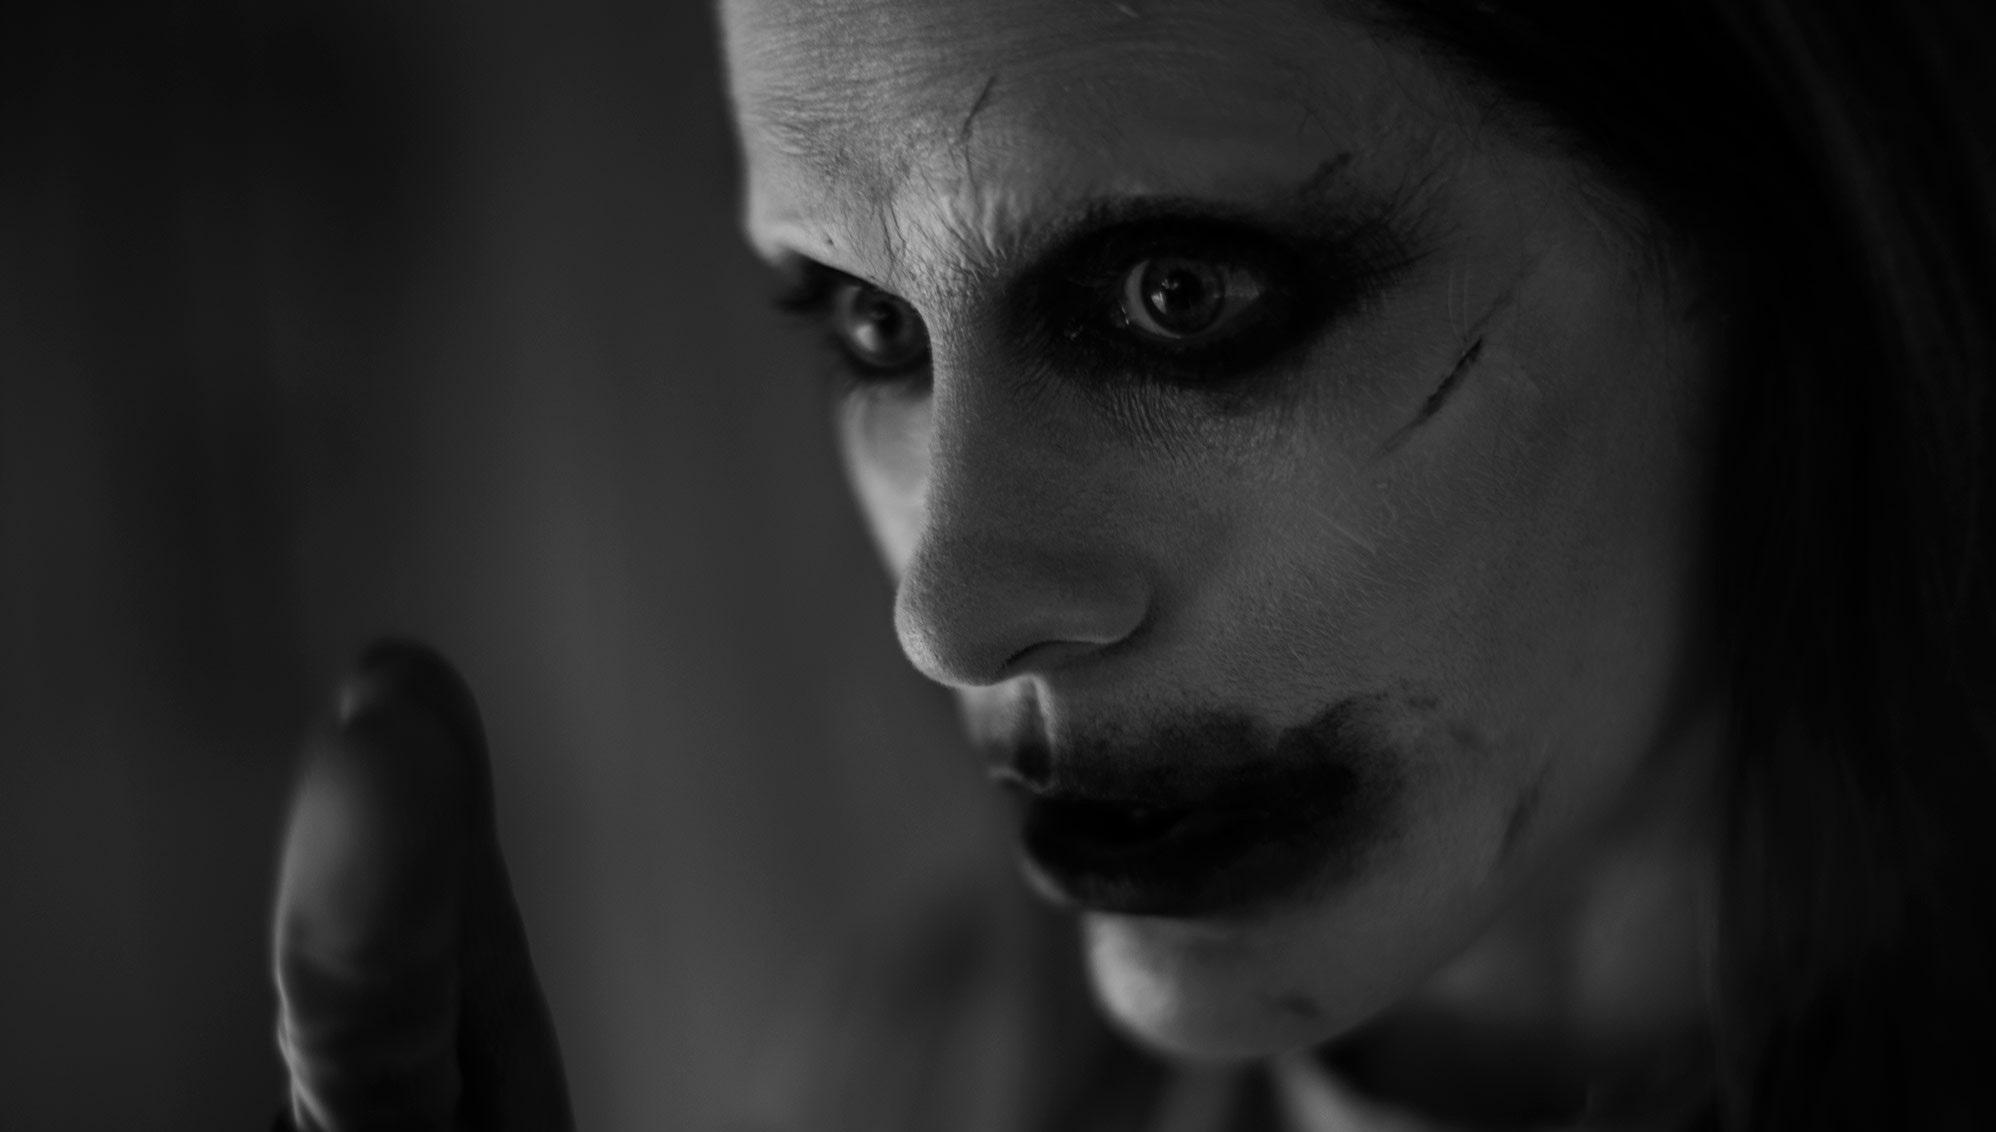 Зак Снайдер показал Джокера Джареда Лето из«Лиги справедливости» без тату исдлинными волосами